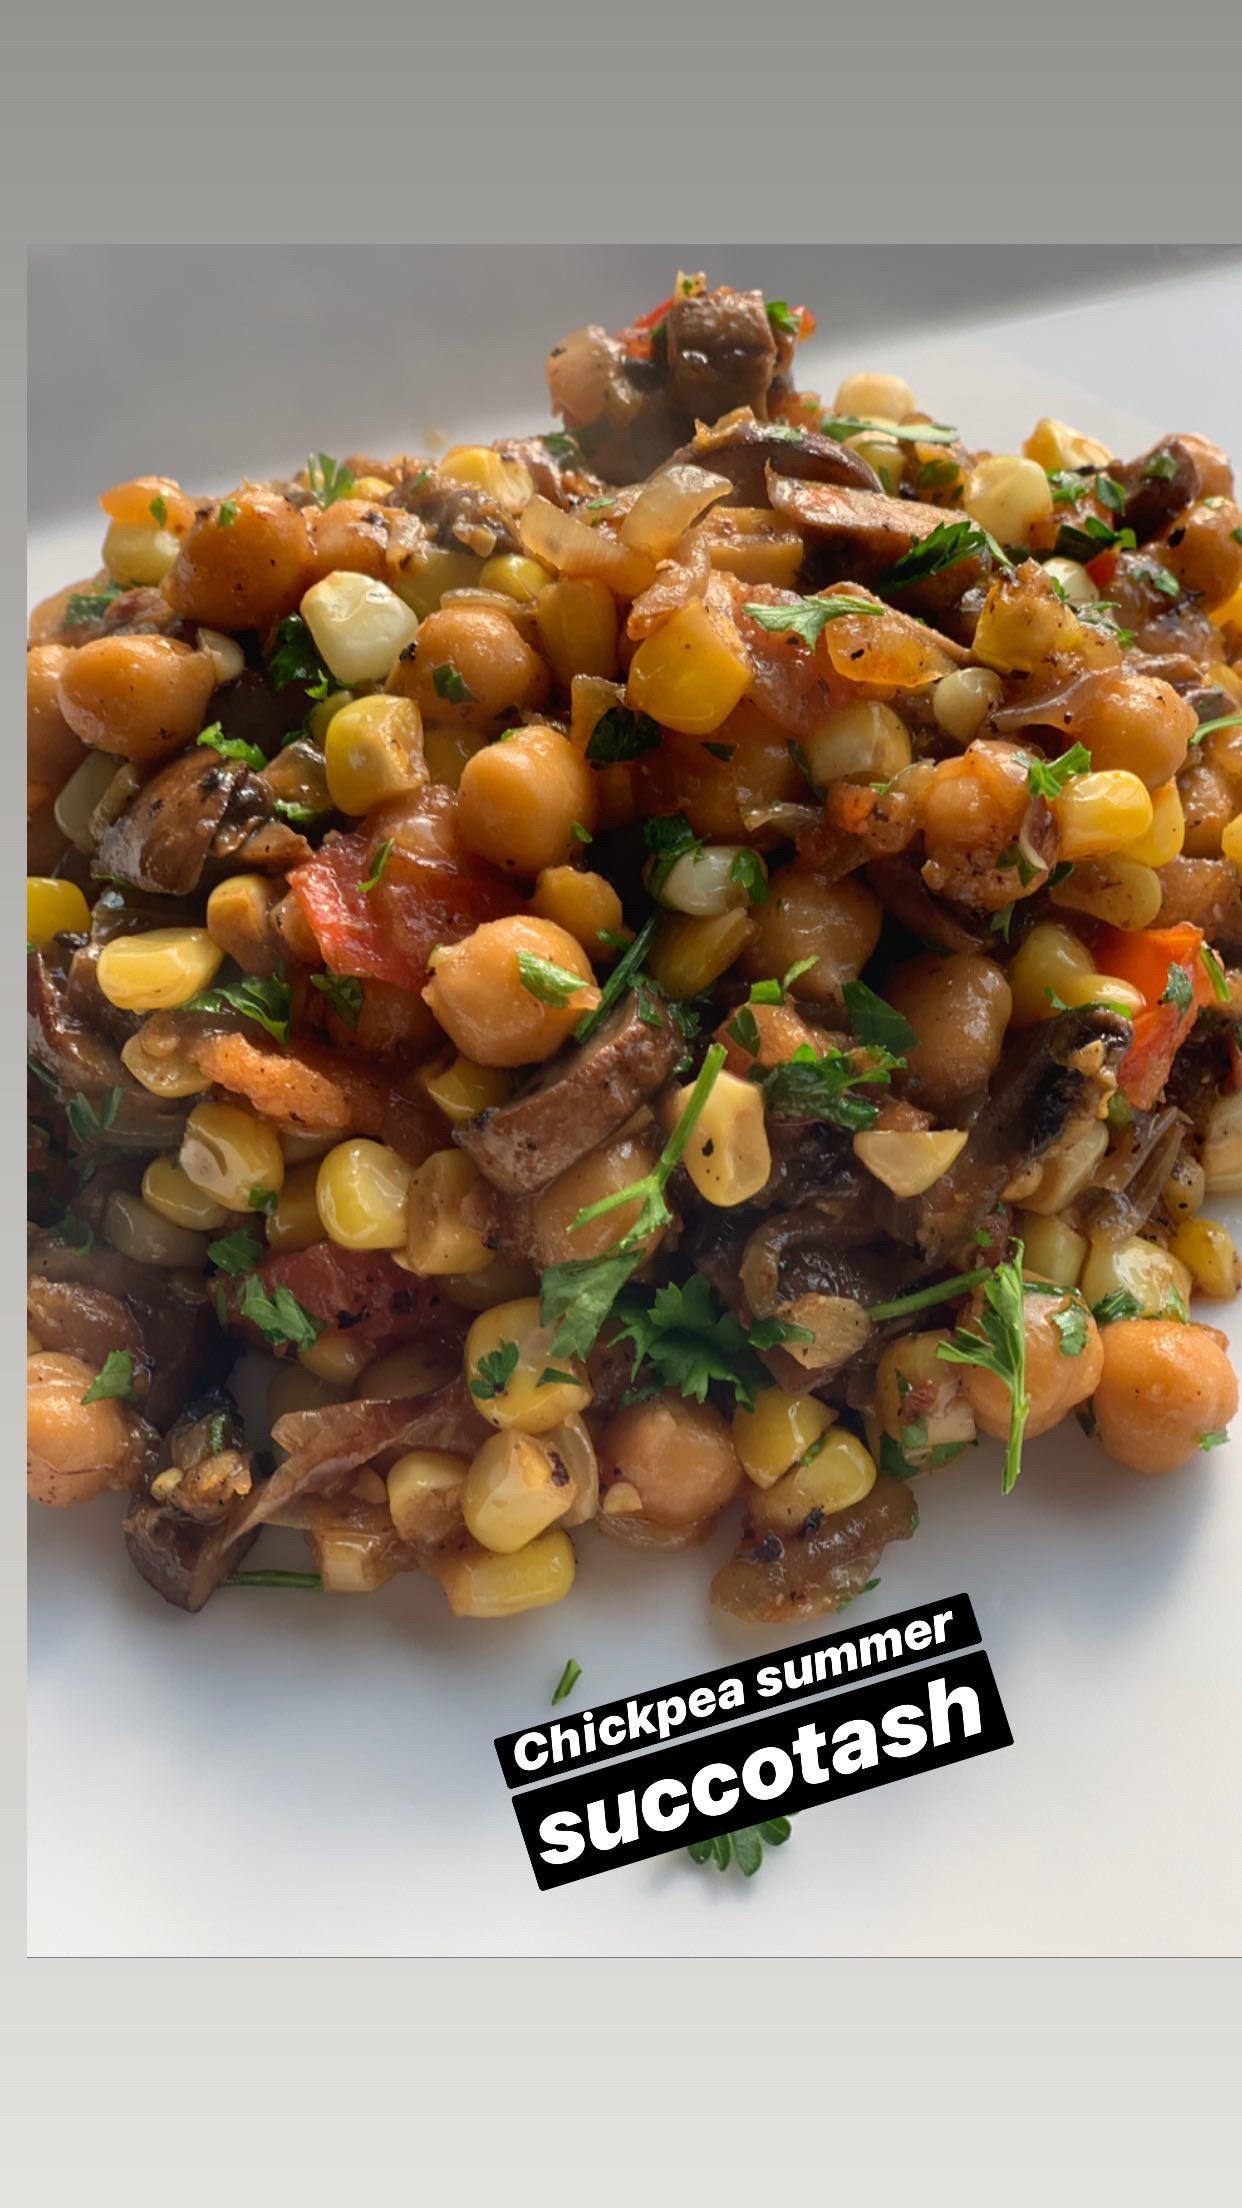 Summer Chickpea Succotash